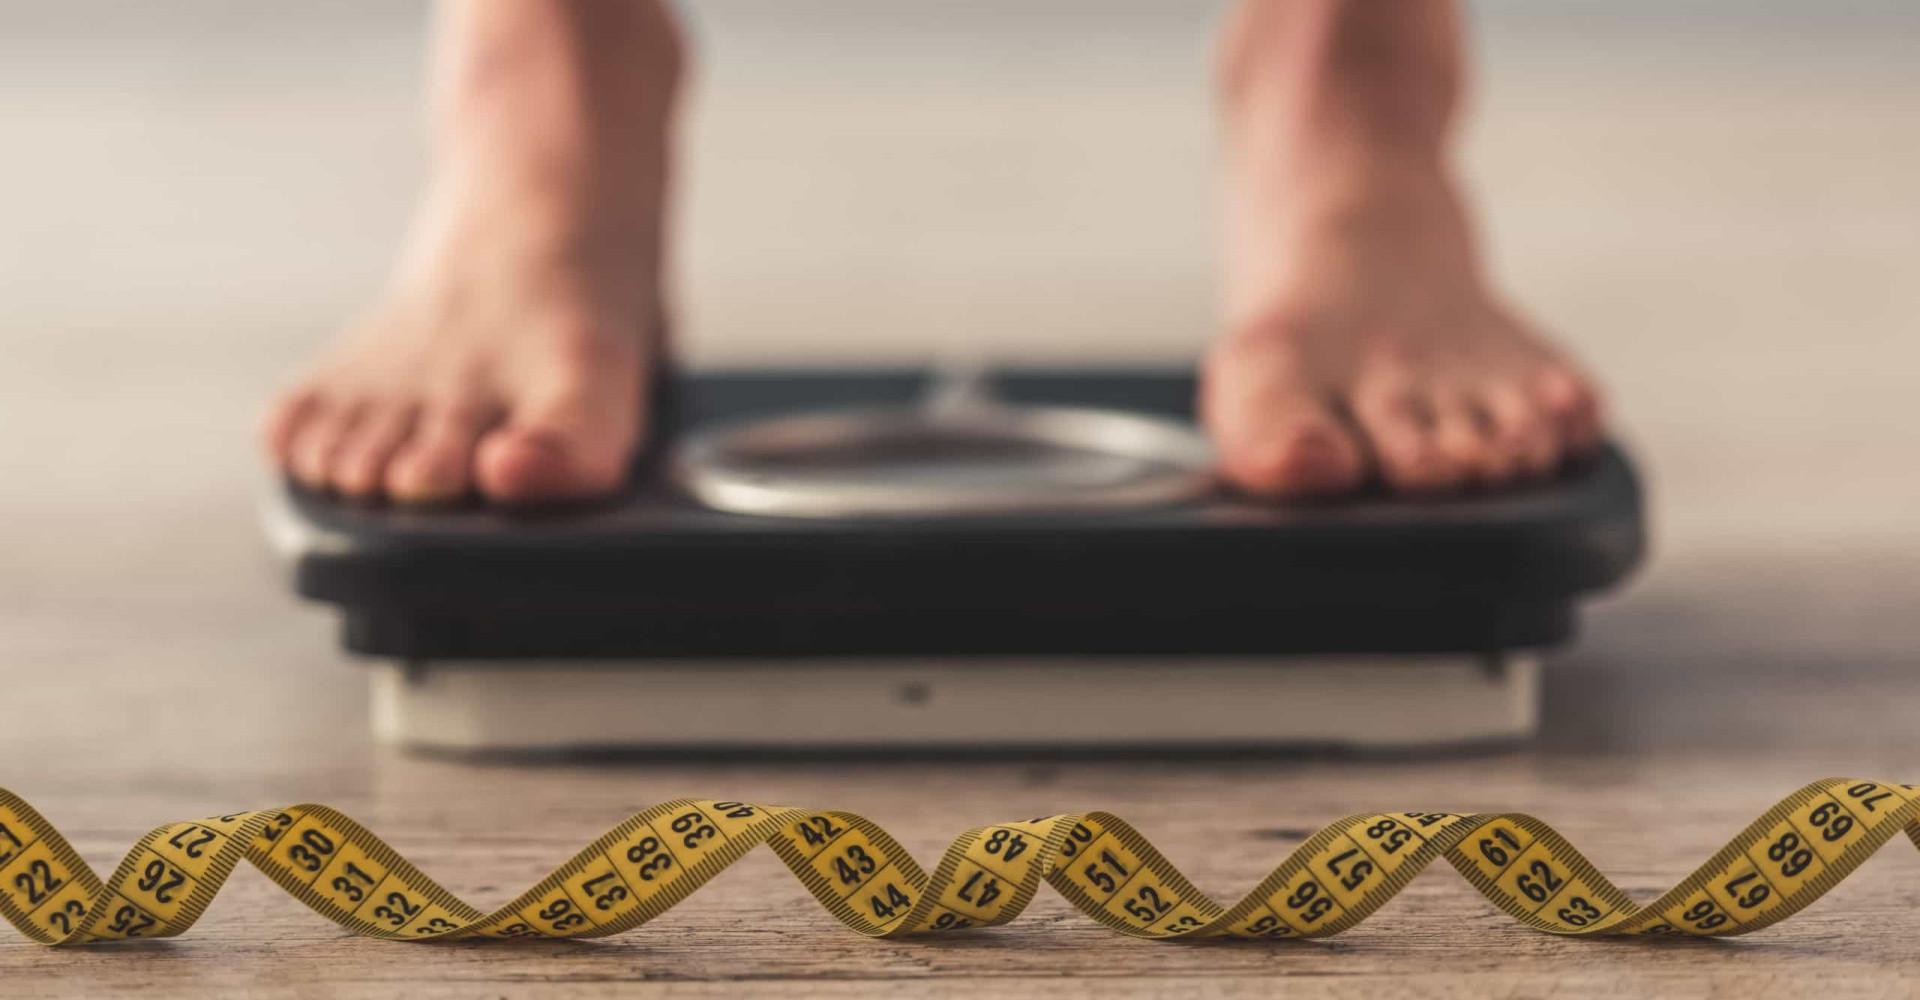 Wie viel Kumpel zu nehmen, um Gewicht zu verlieren